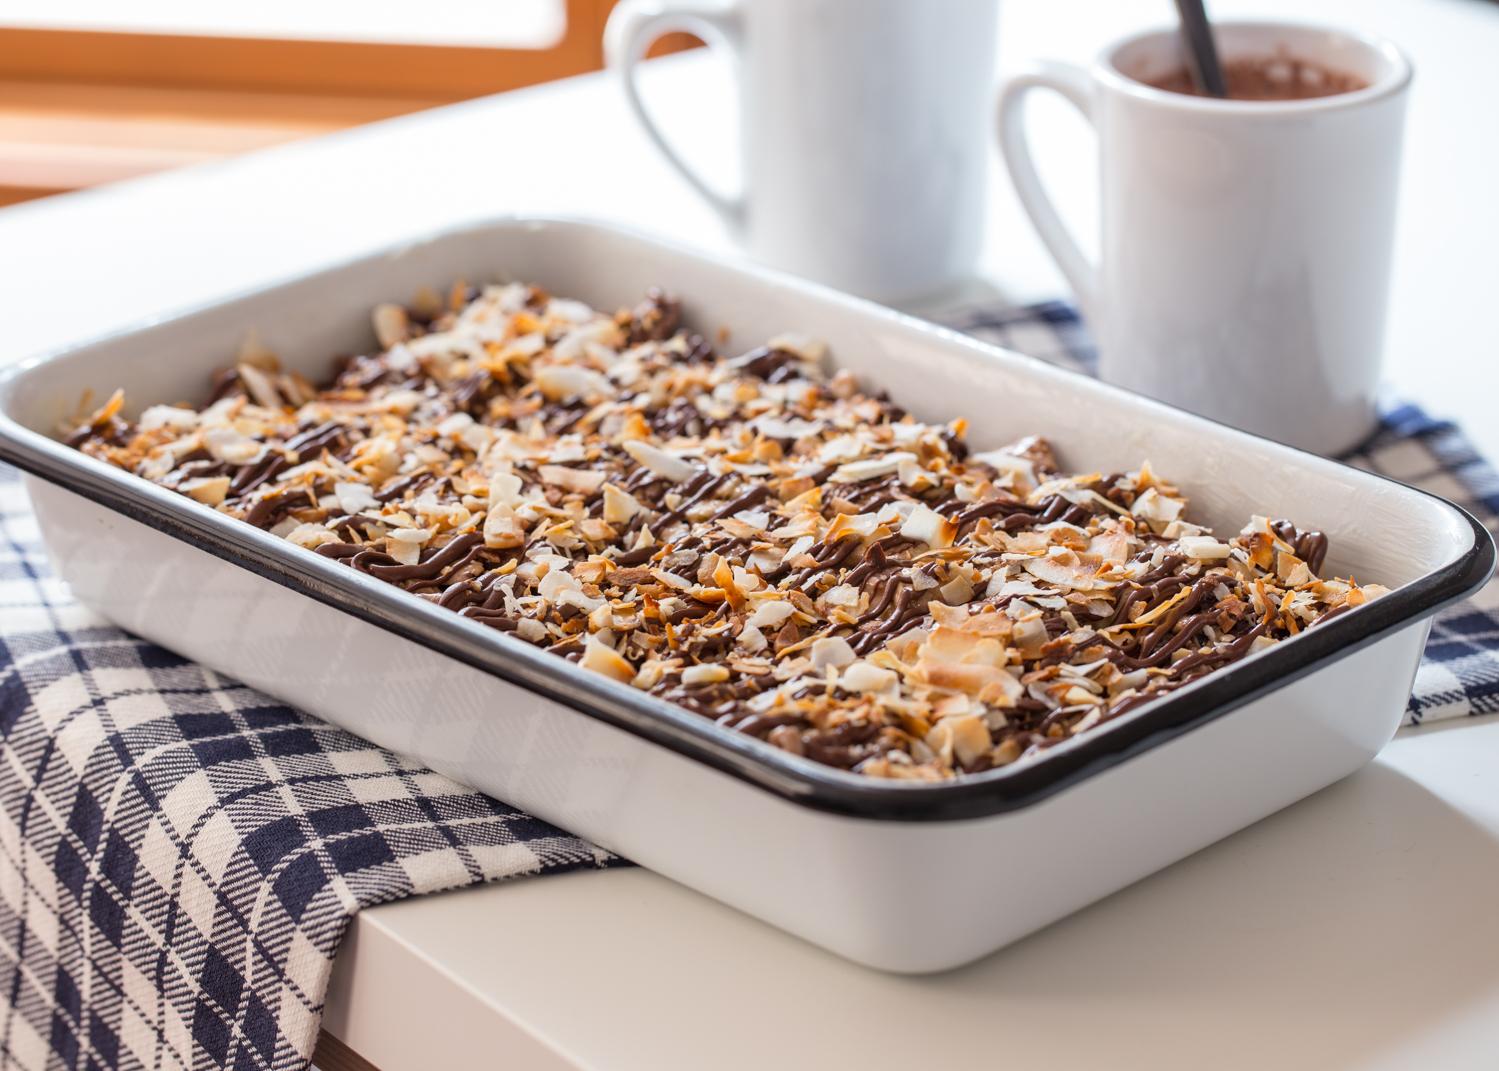 Chocolate Coconut Marshmallow Treats - Jelly Toast